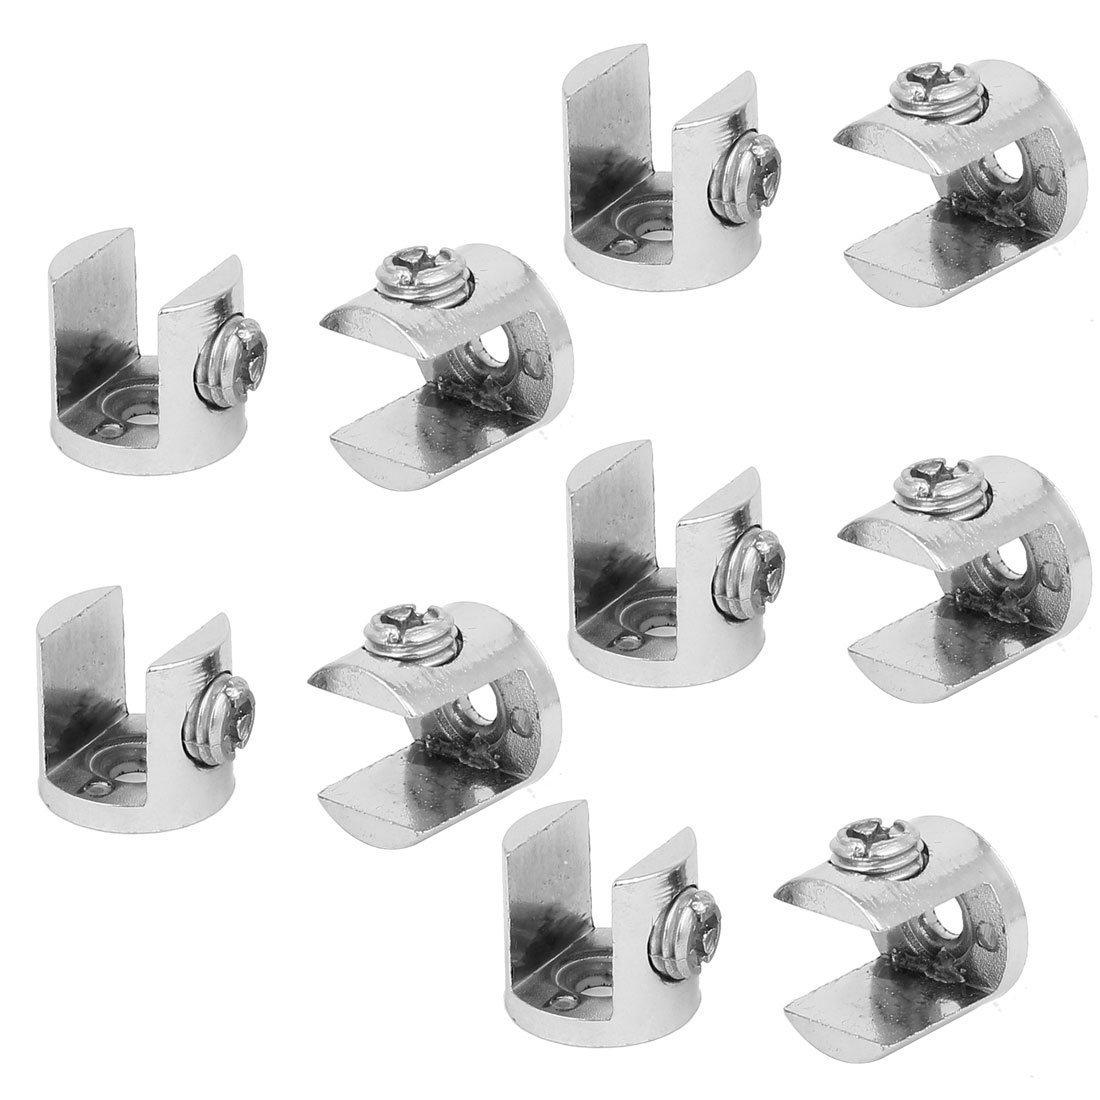 sourcingmap® Tablette réglable en alliage de zinc Colliers Clips crochets 10pcs pour 9mm-12mm verre épais sourcing map a16120100ux0490